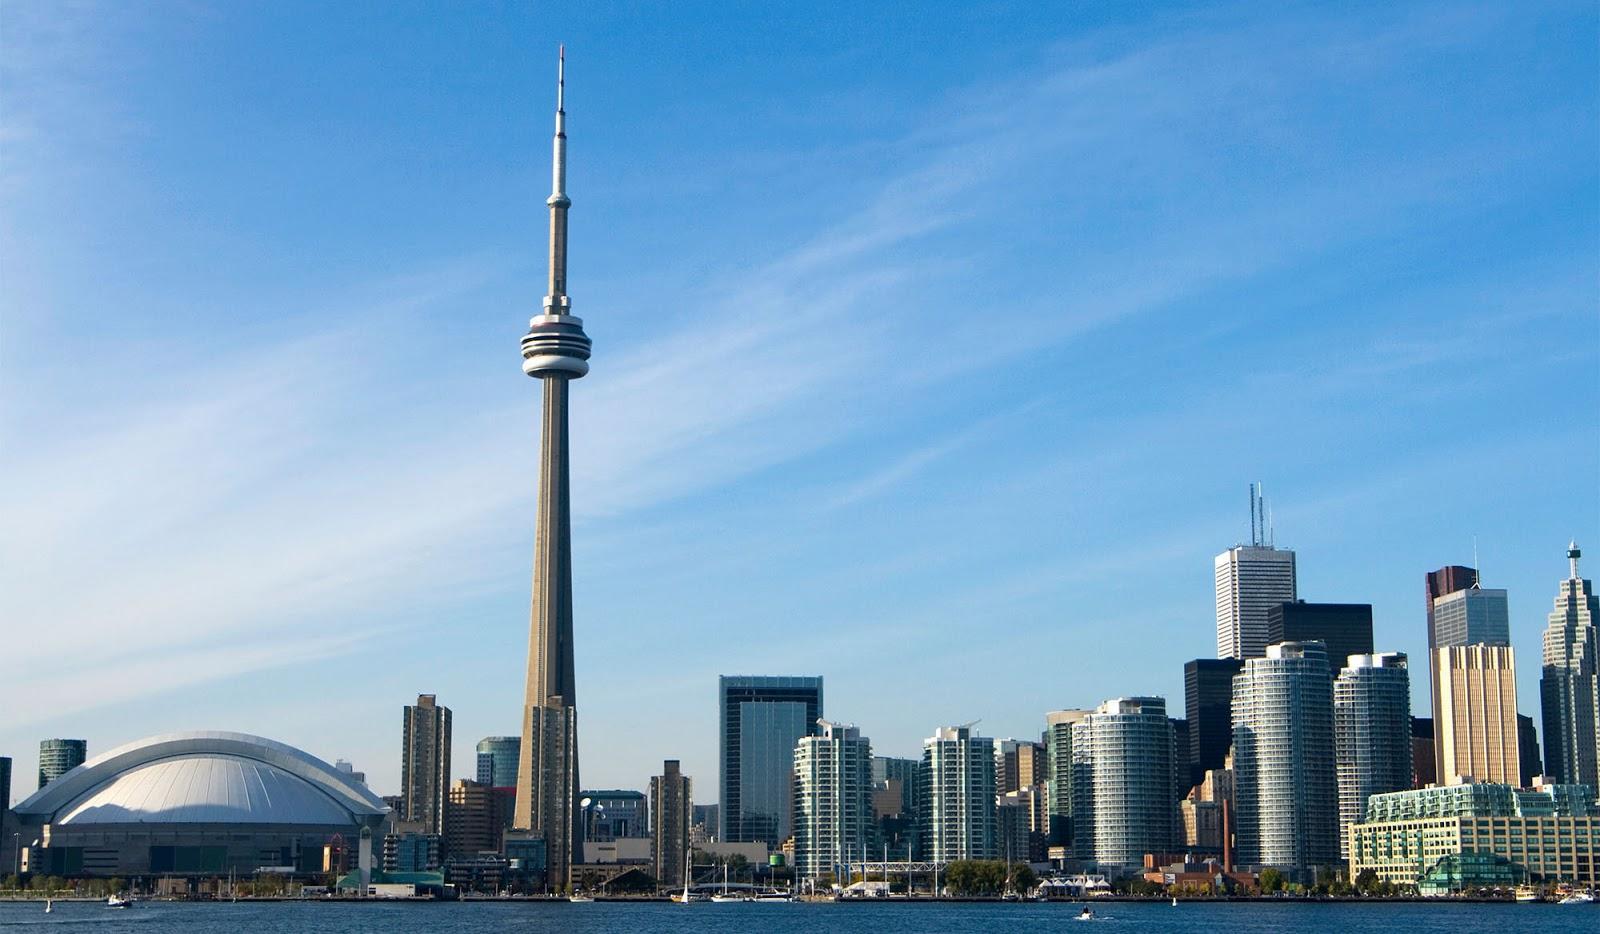 加拿大首都温哥华标志性建筑 - 加拿大